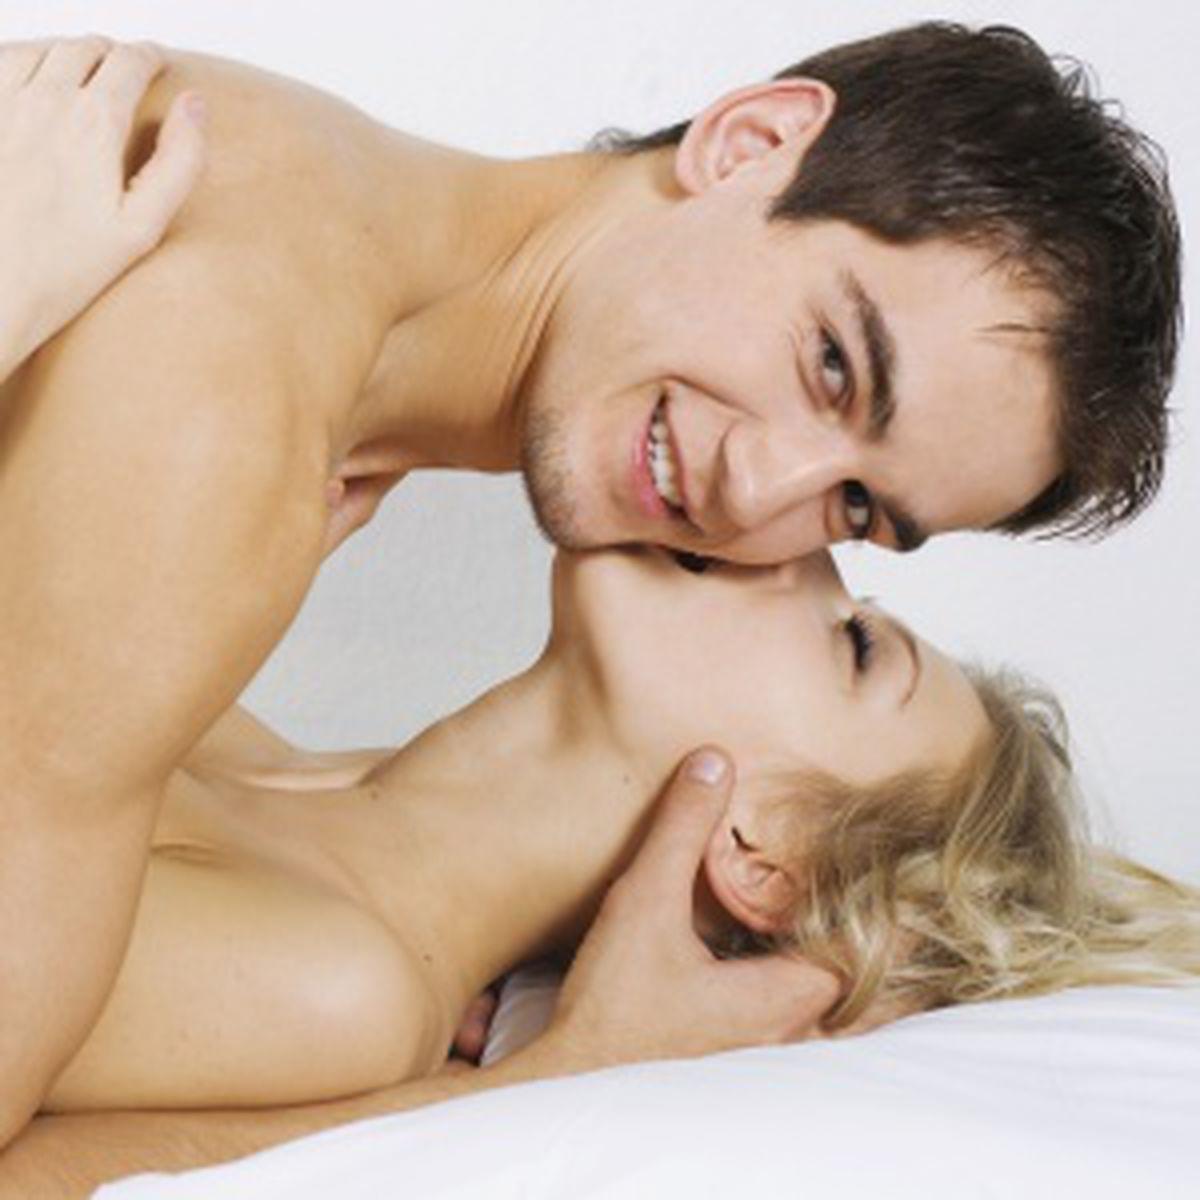 cum să rămâi fără penis)